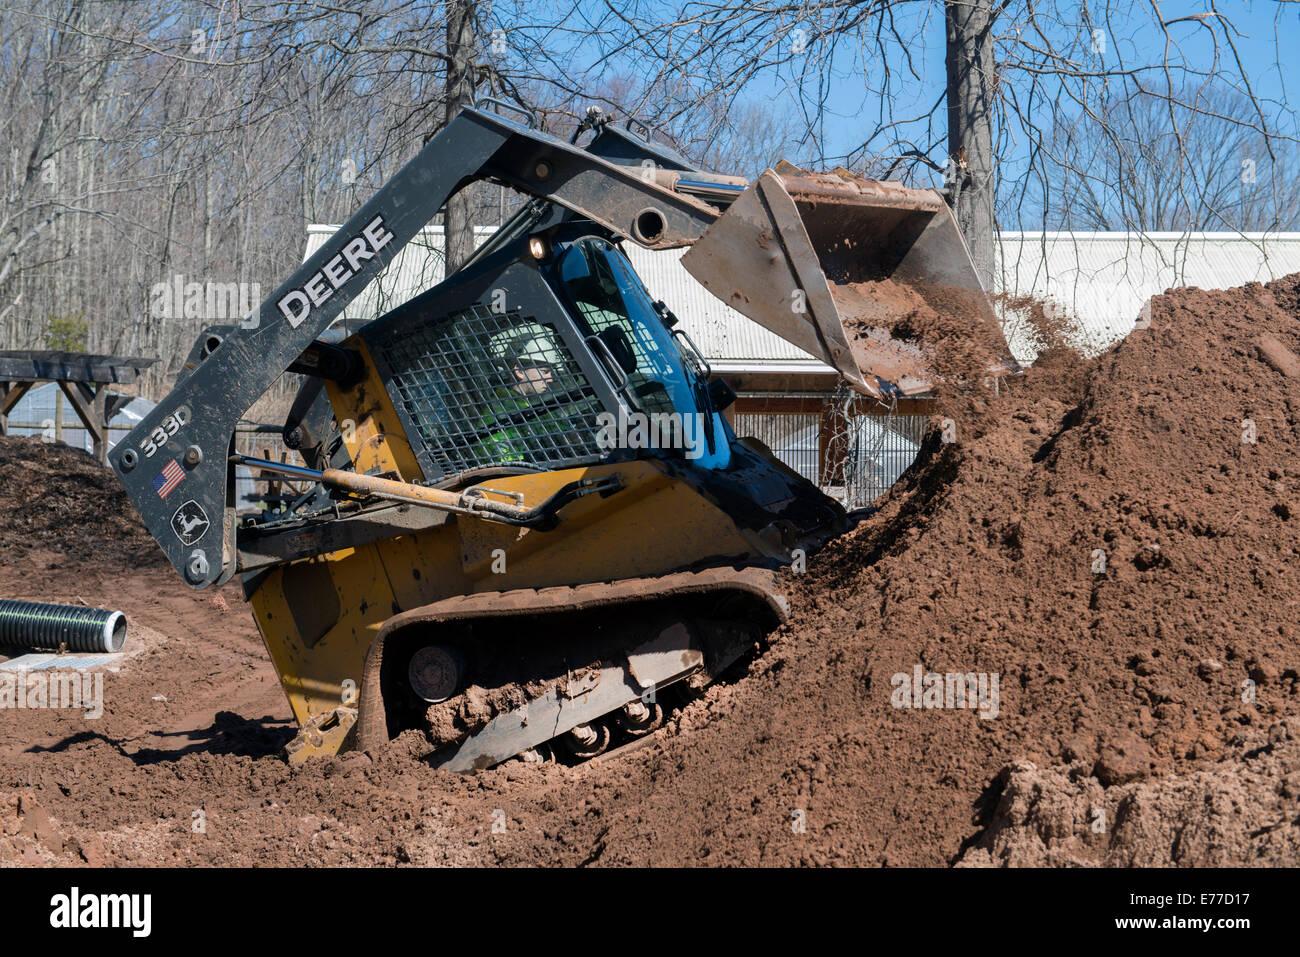 Deere chargeur Skid Steer se déplace de la saleté. Photo Stock